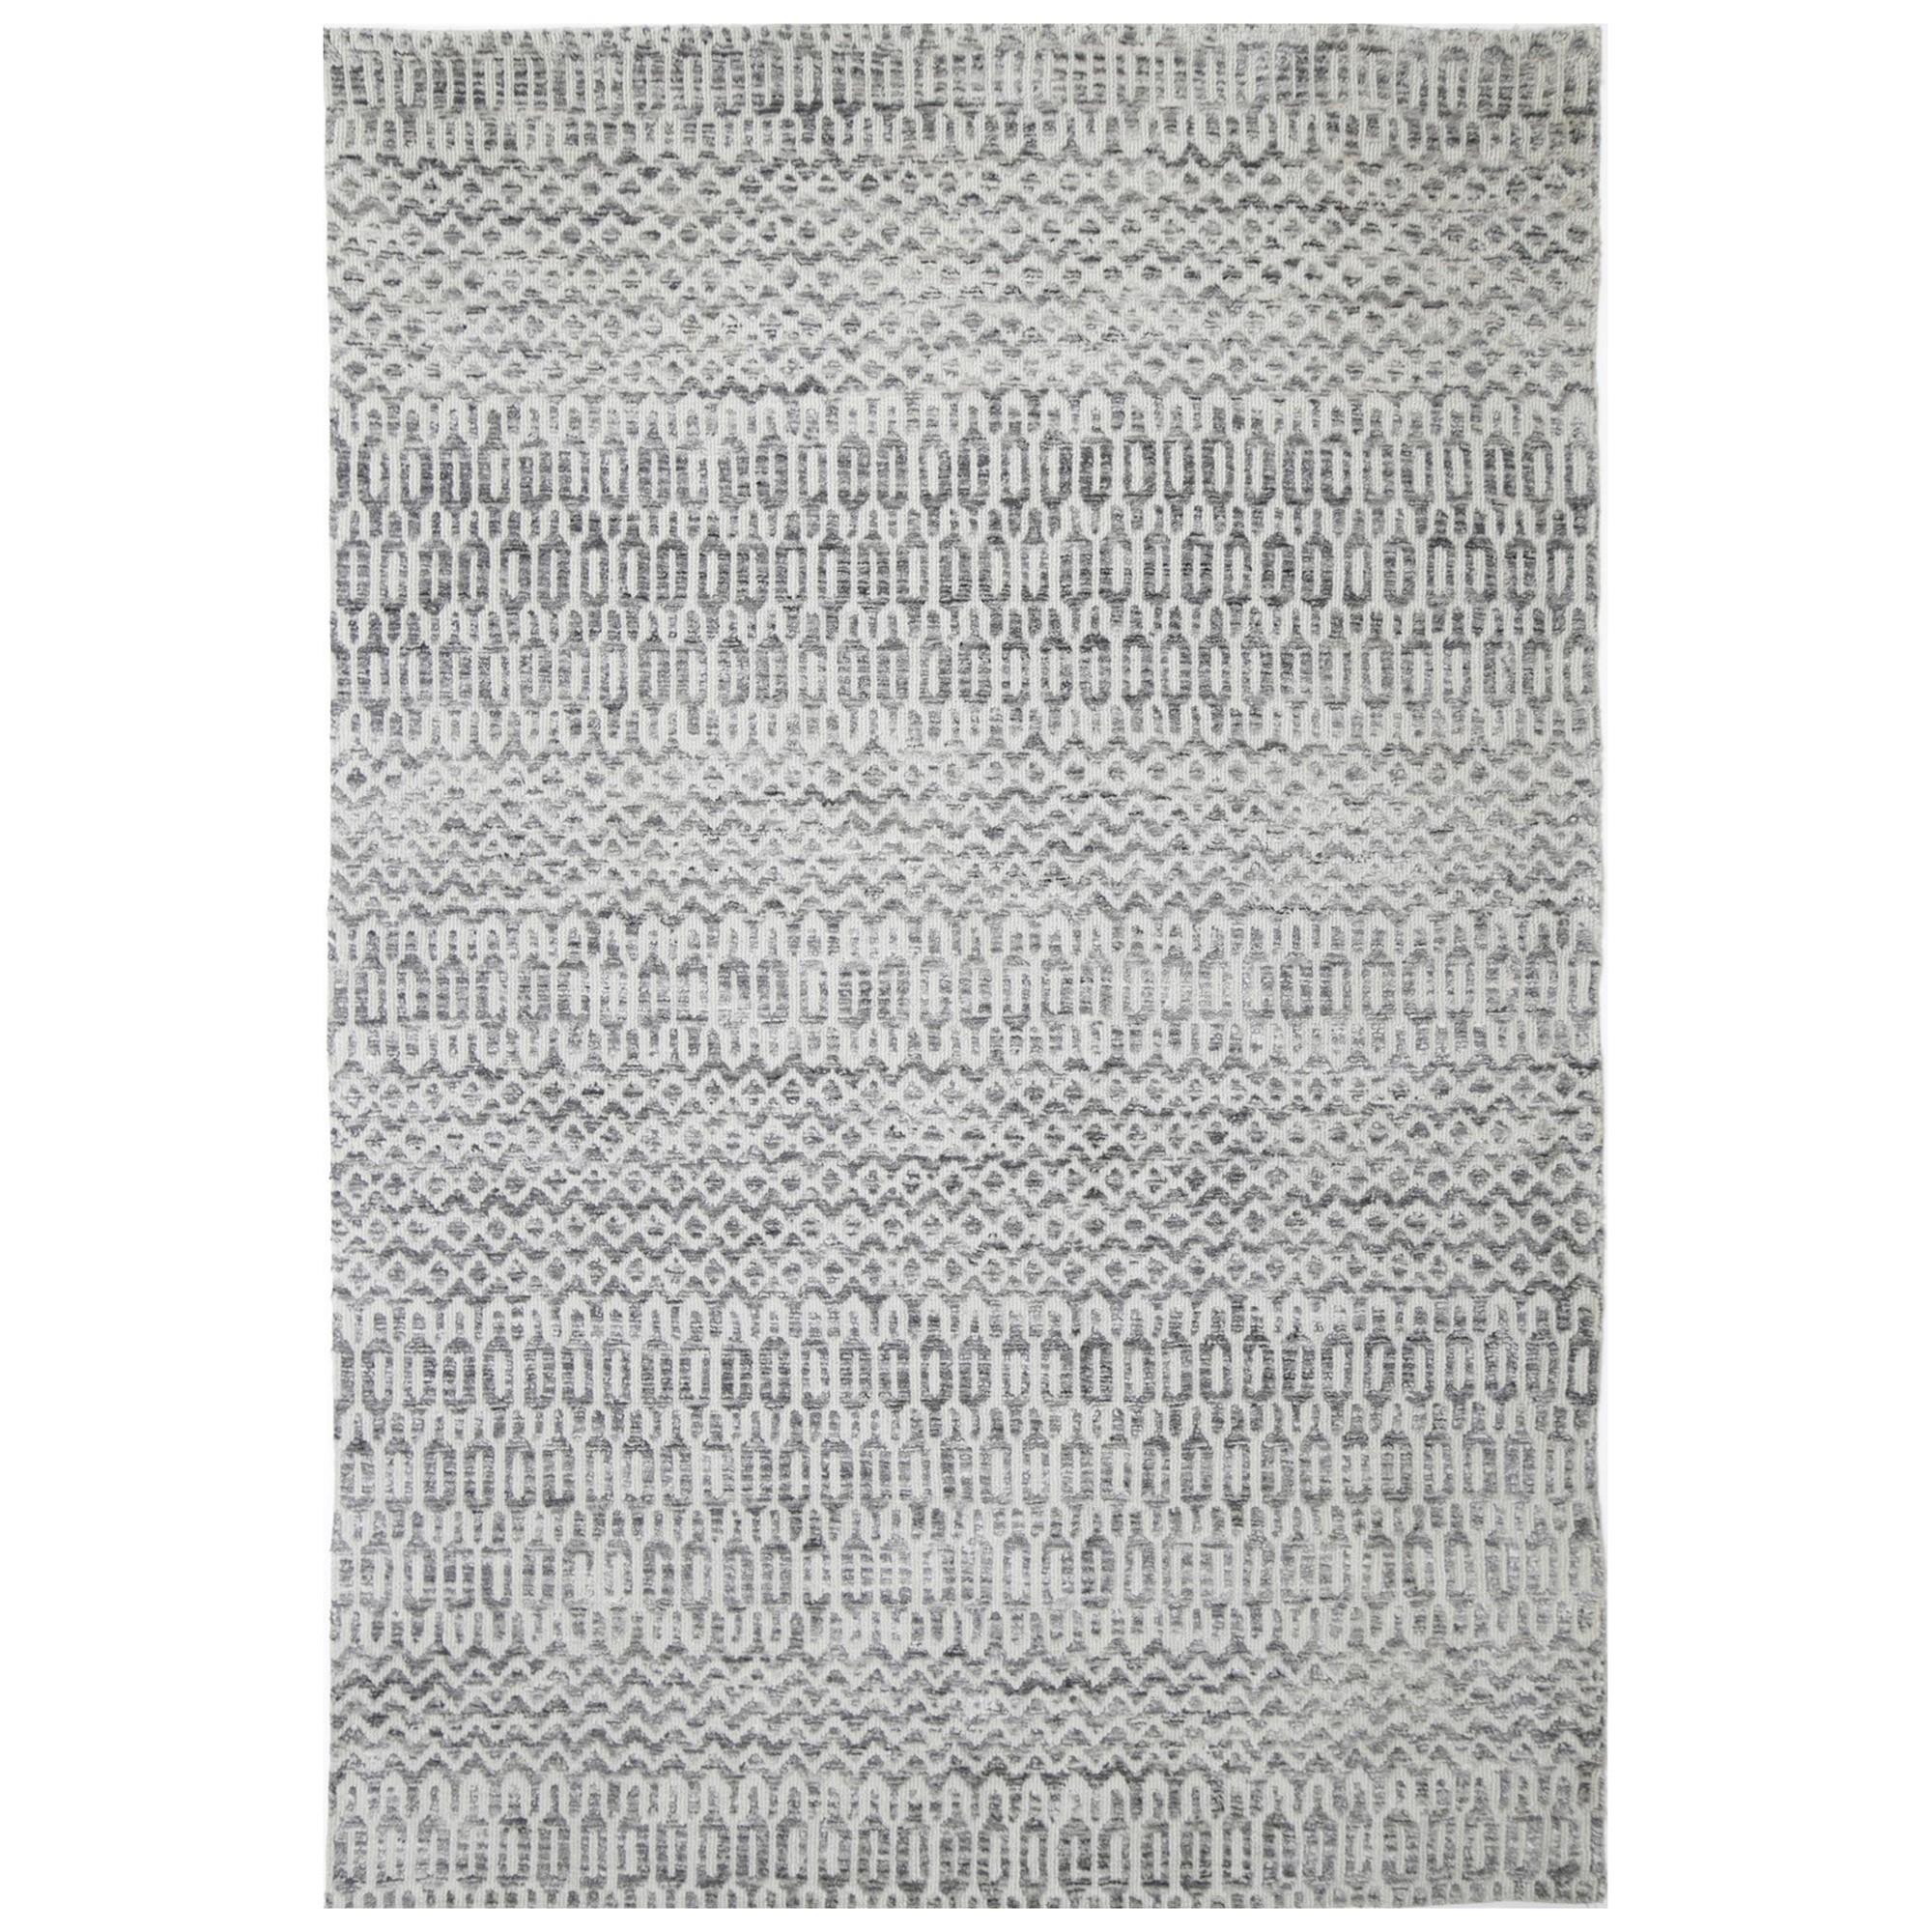 Amristar Camphils Hand Tufted Wool Rug, 330x240cm, Grey